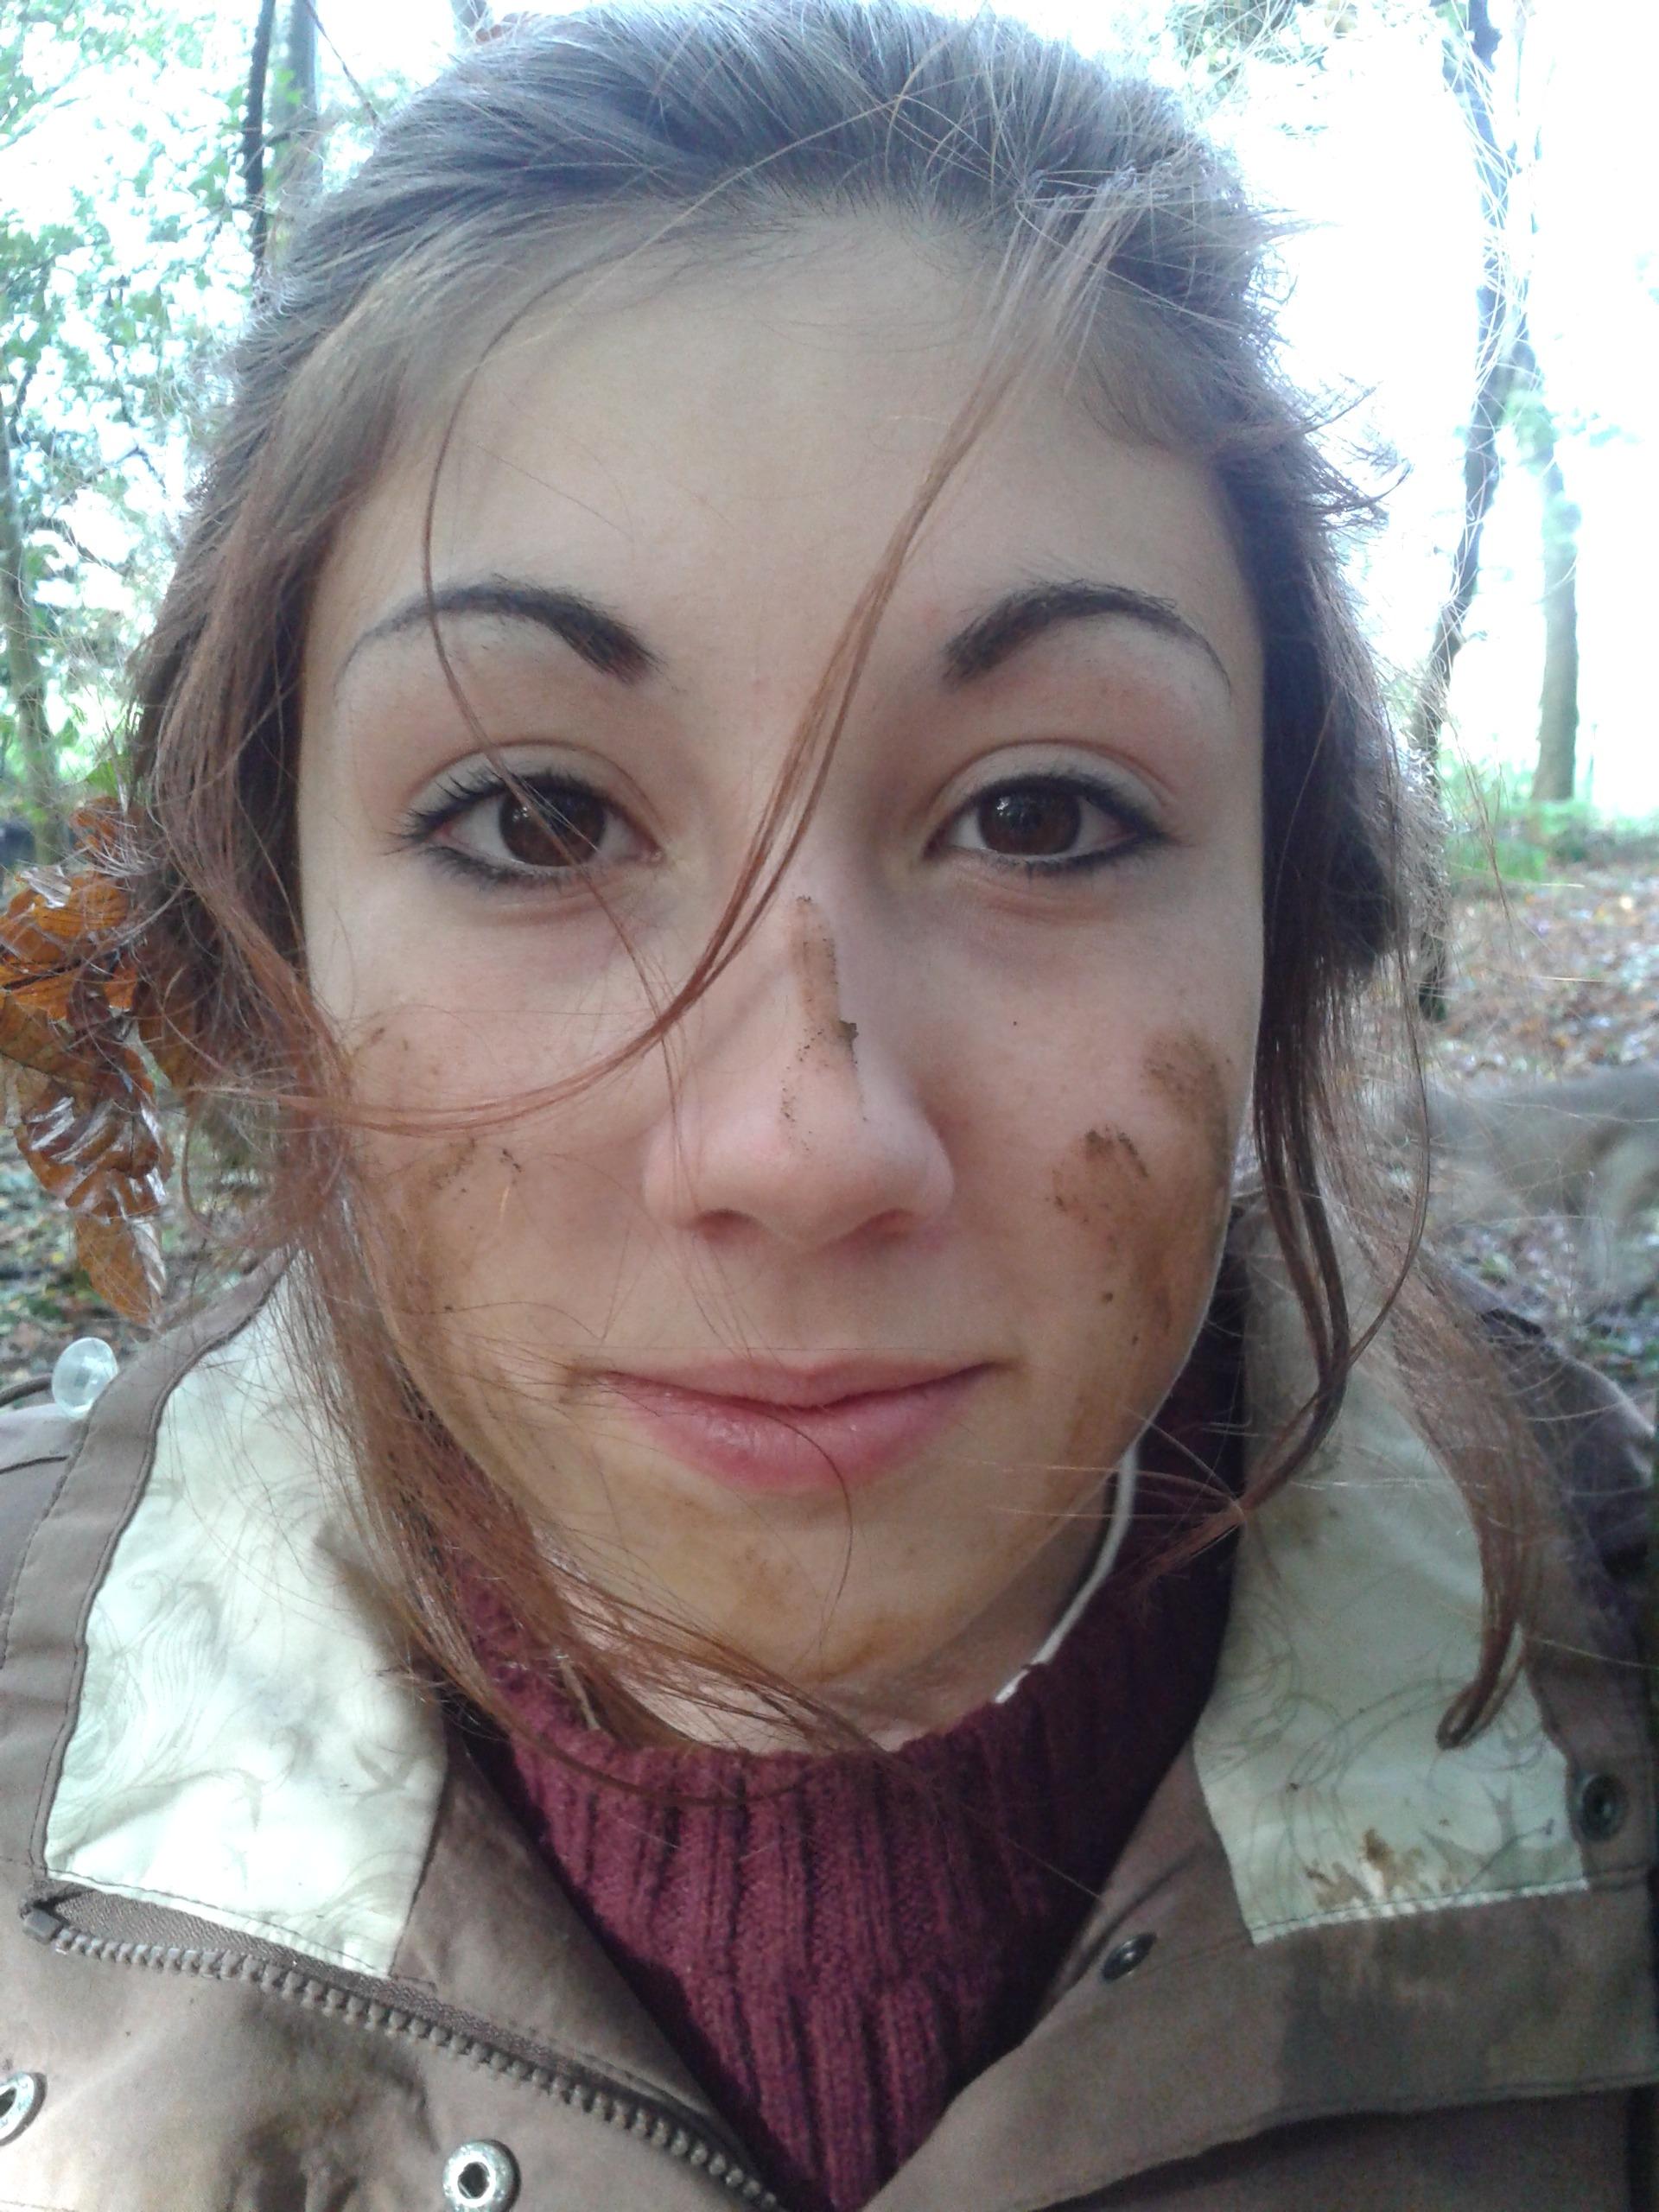 Kostenlose foto Natur Wald draussen Person Mädchen Frau